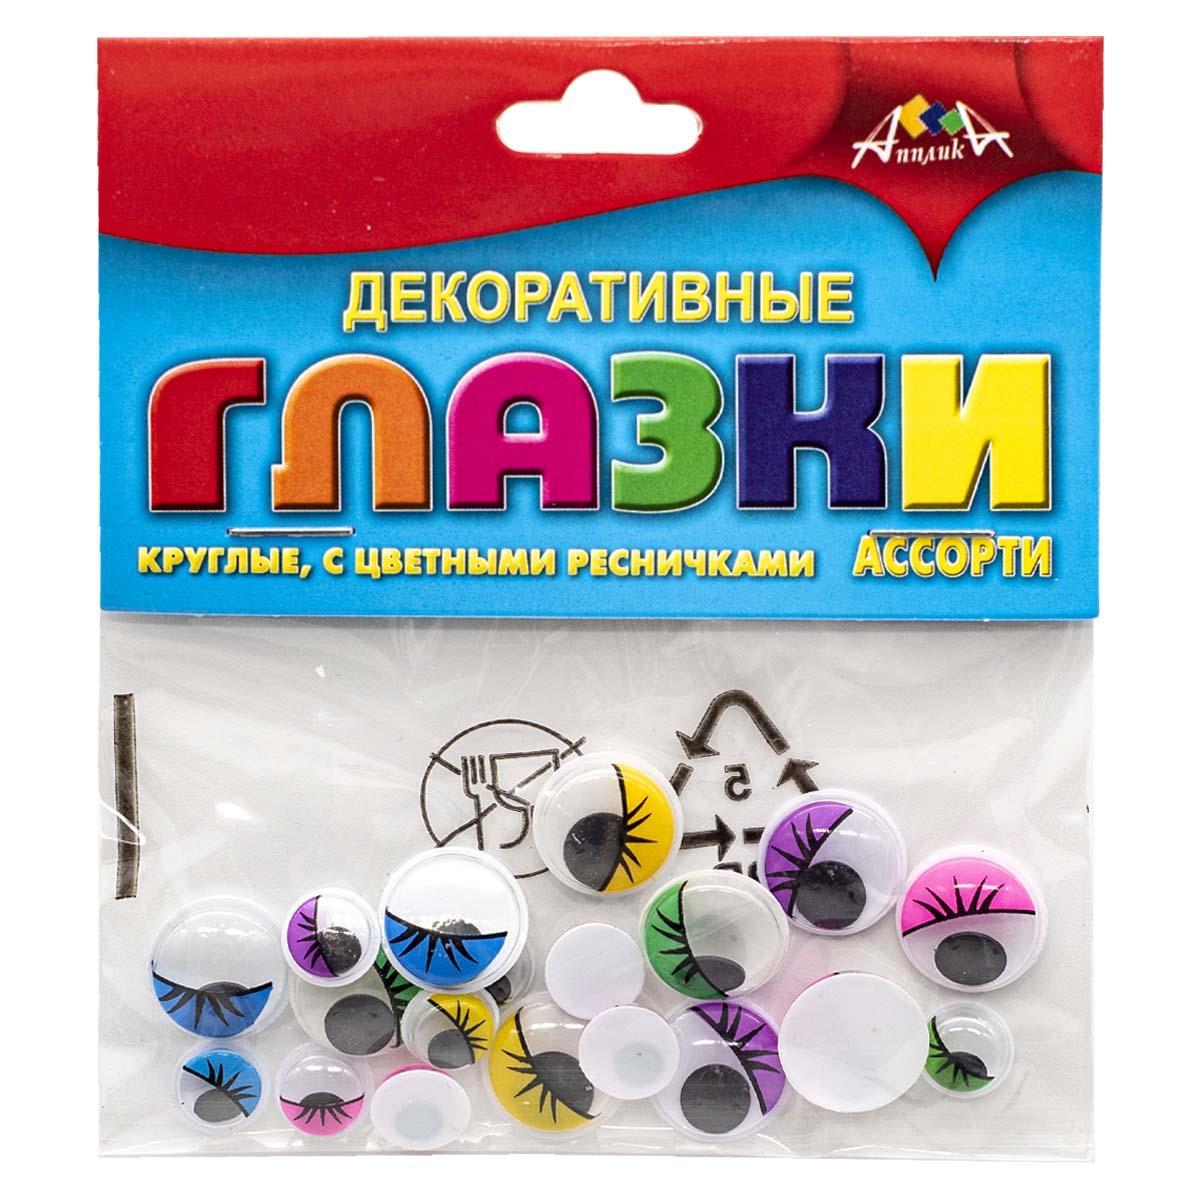 С2599-01 ГЛАЗКИ Декорат. цв. реснички ассорти, 20шт/упак